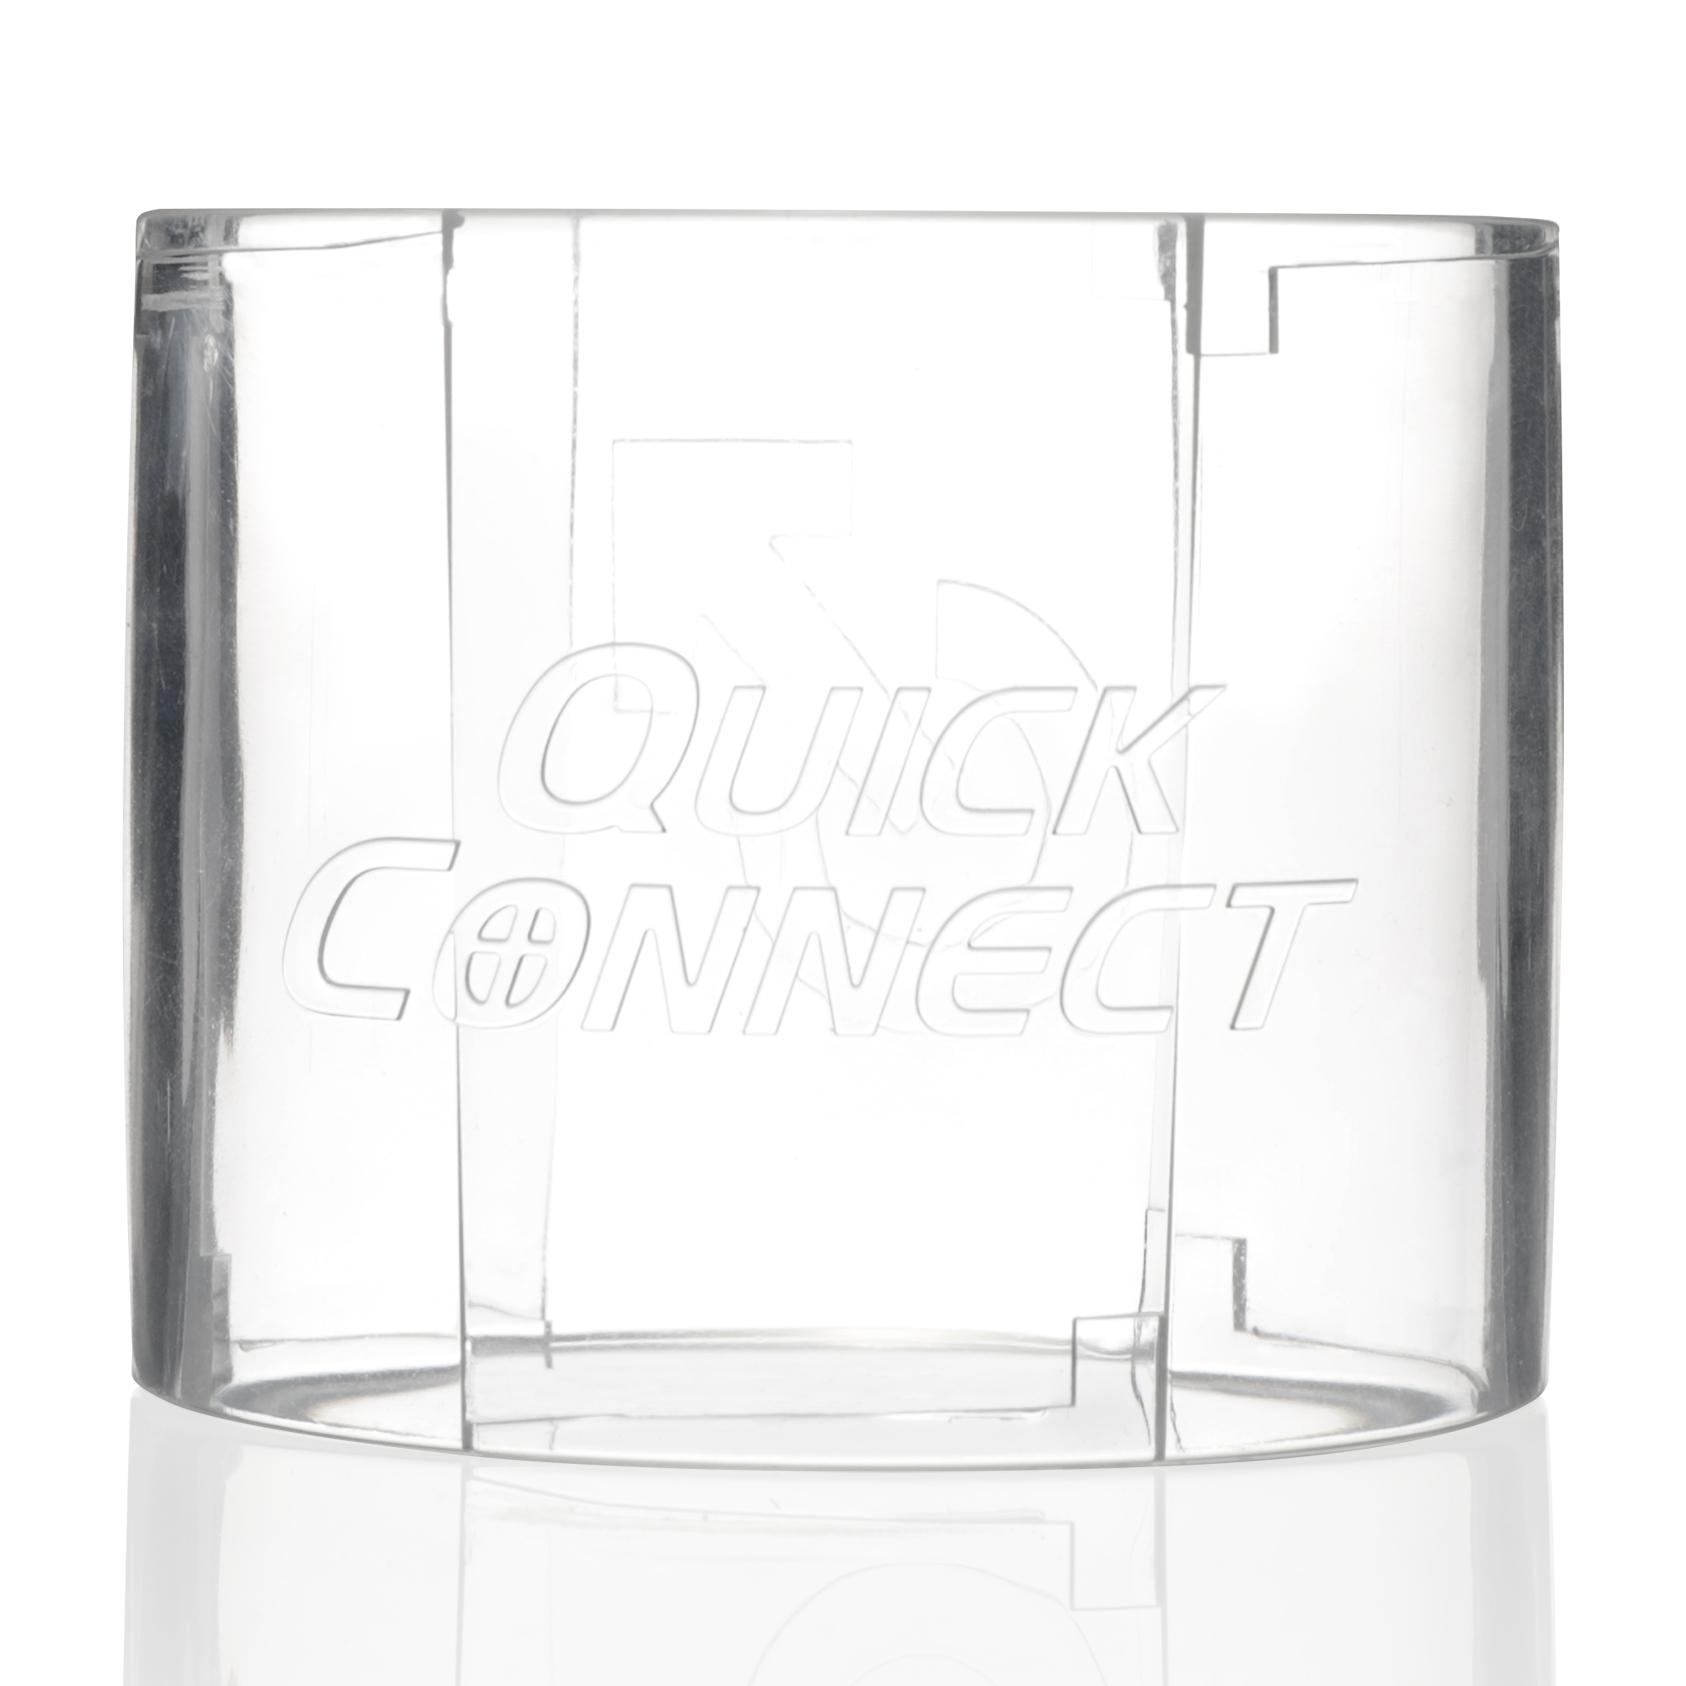 Quickshot Quick Connect | SEXLEKSAKER, MEST FÖR HONOM, Fleshlight | Intimast.se - Sexleksaker